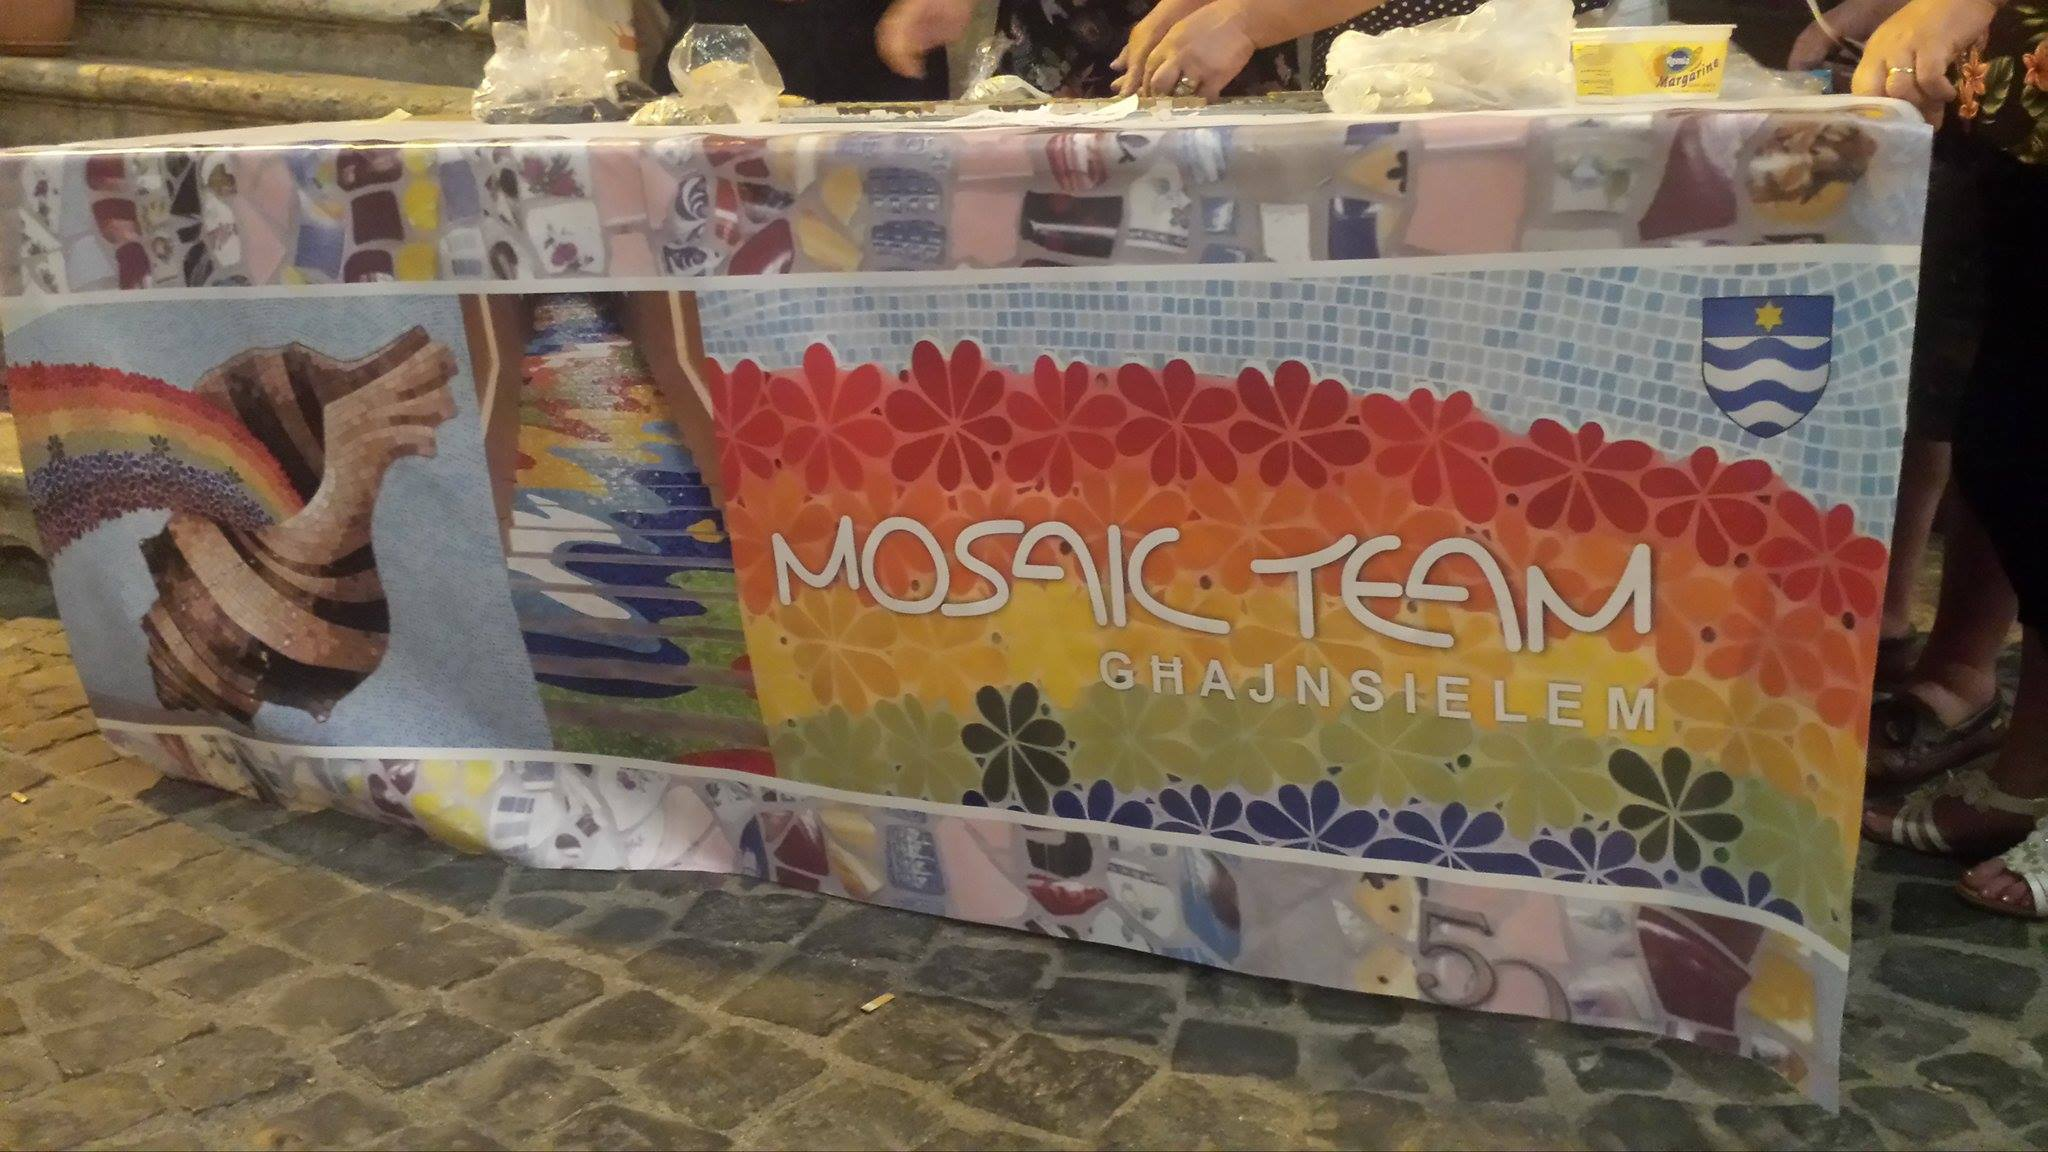 mosaic-team